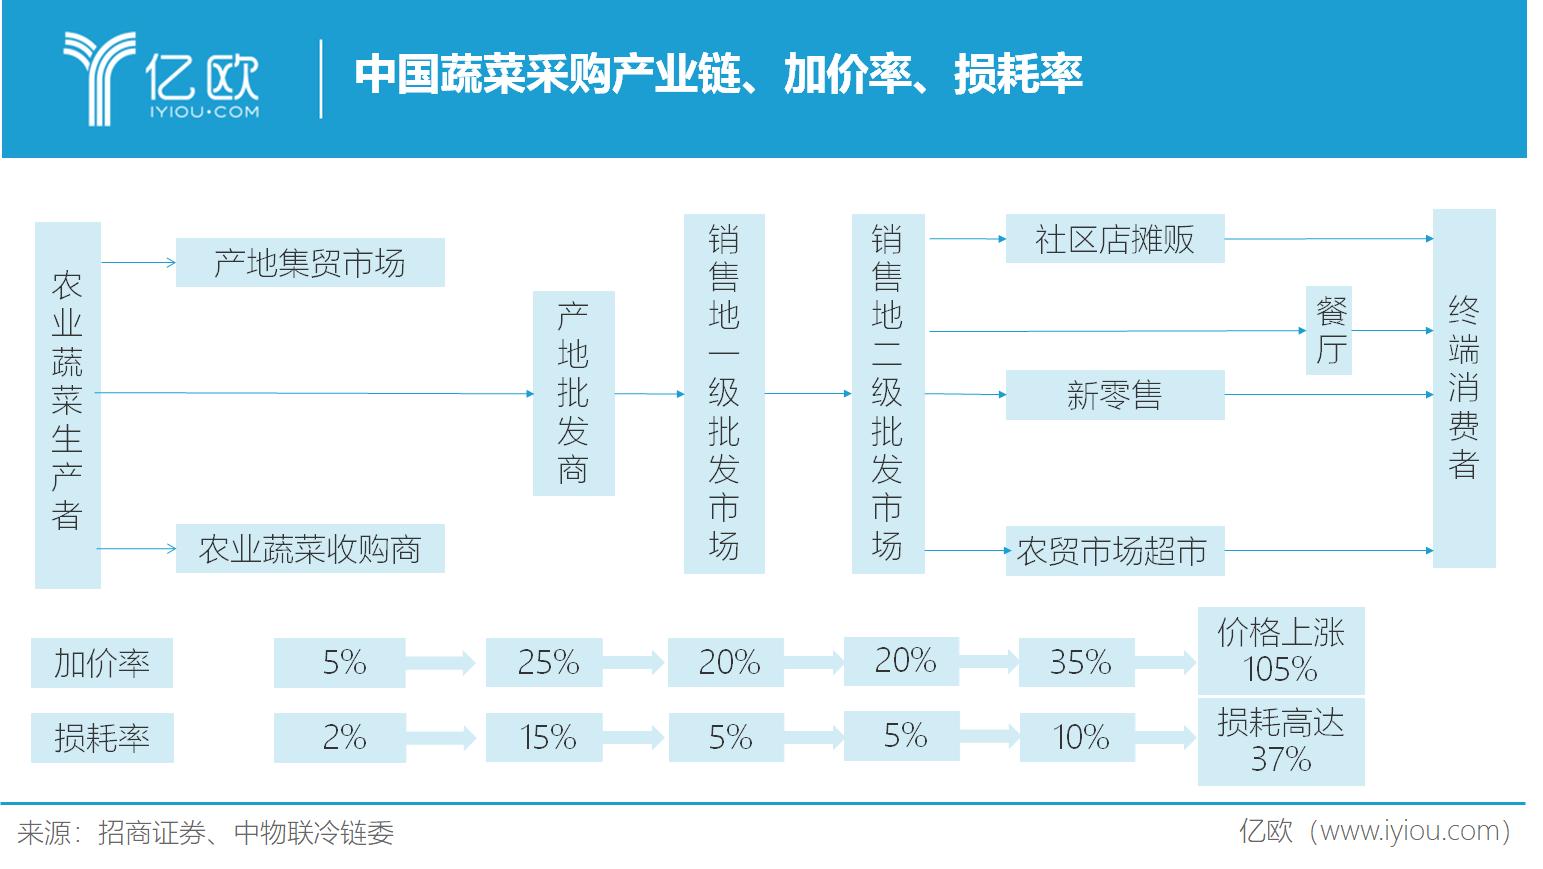 中国蔬菜采购产业链、加价率、损耗率